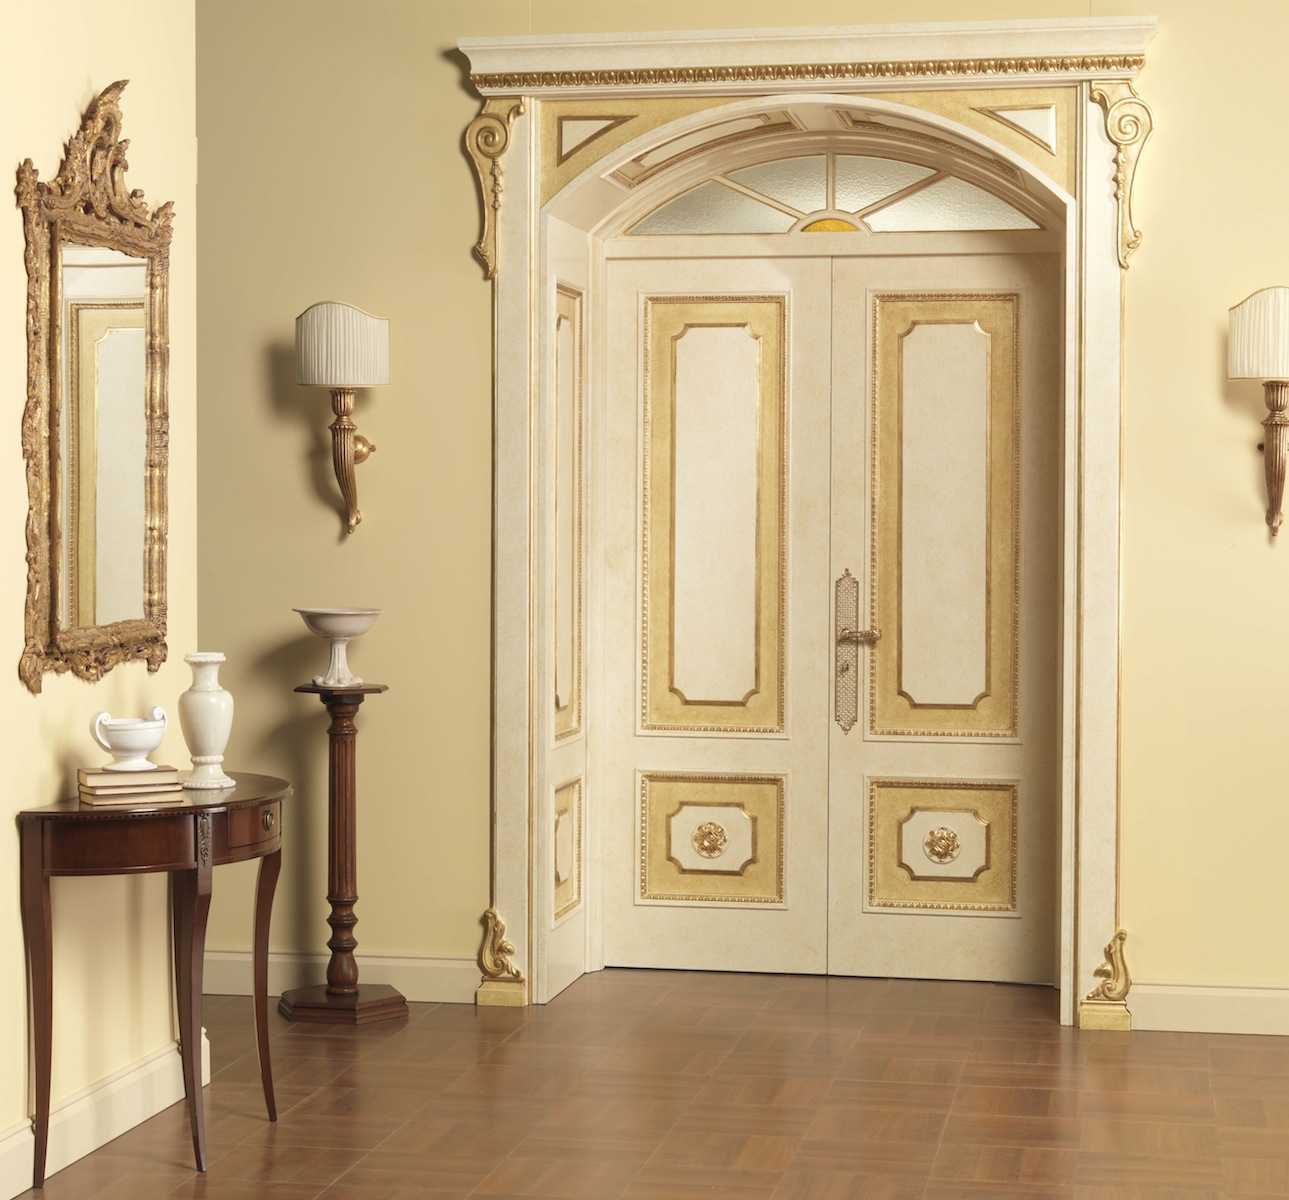 Двустворчатая дверь в классическом стиле